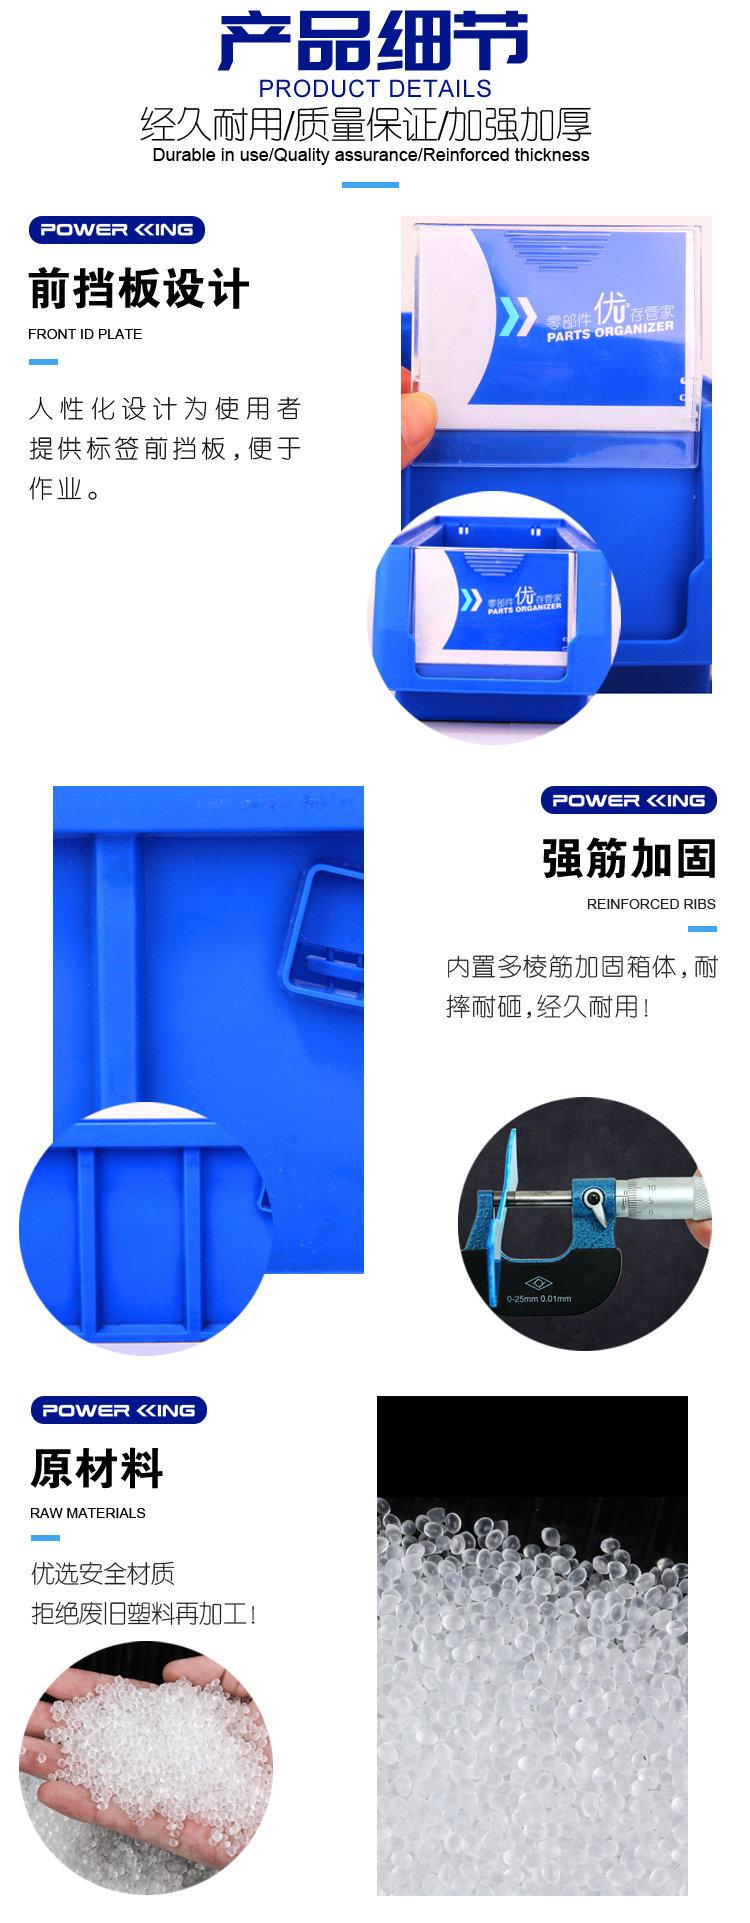 PK6209多功能物料盒(图6)